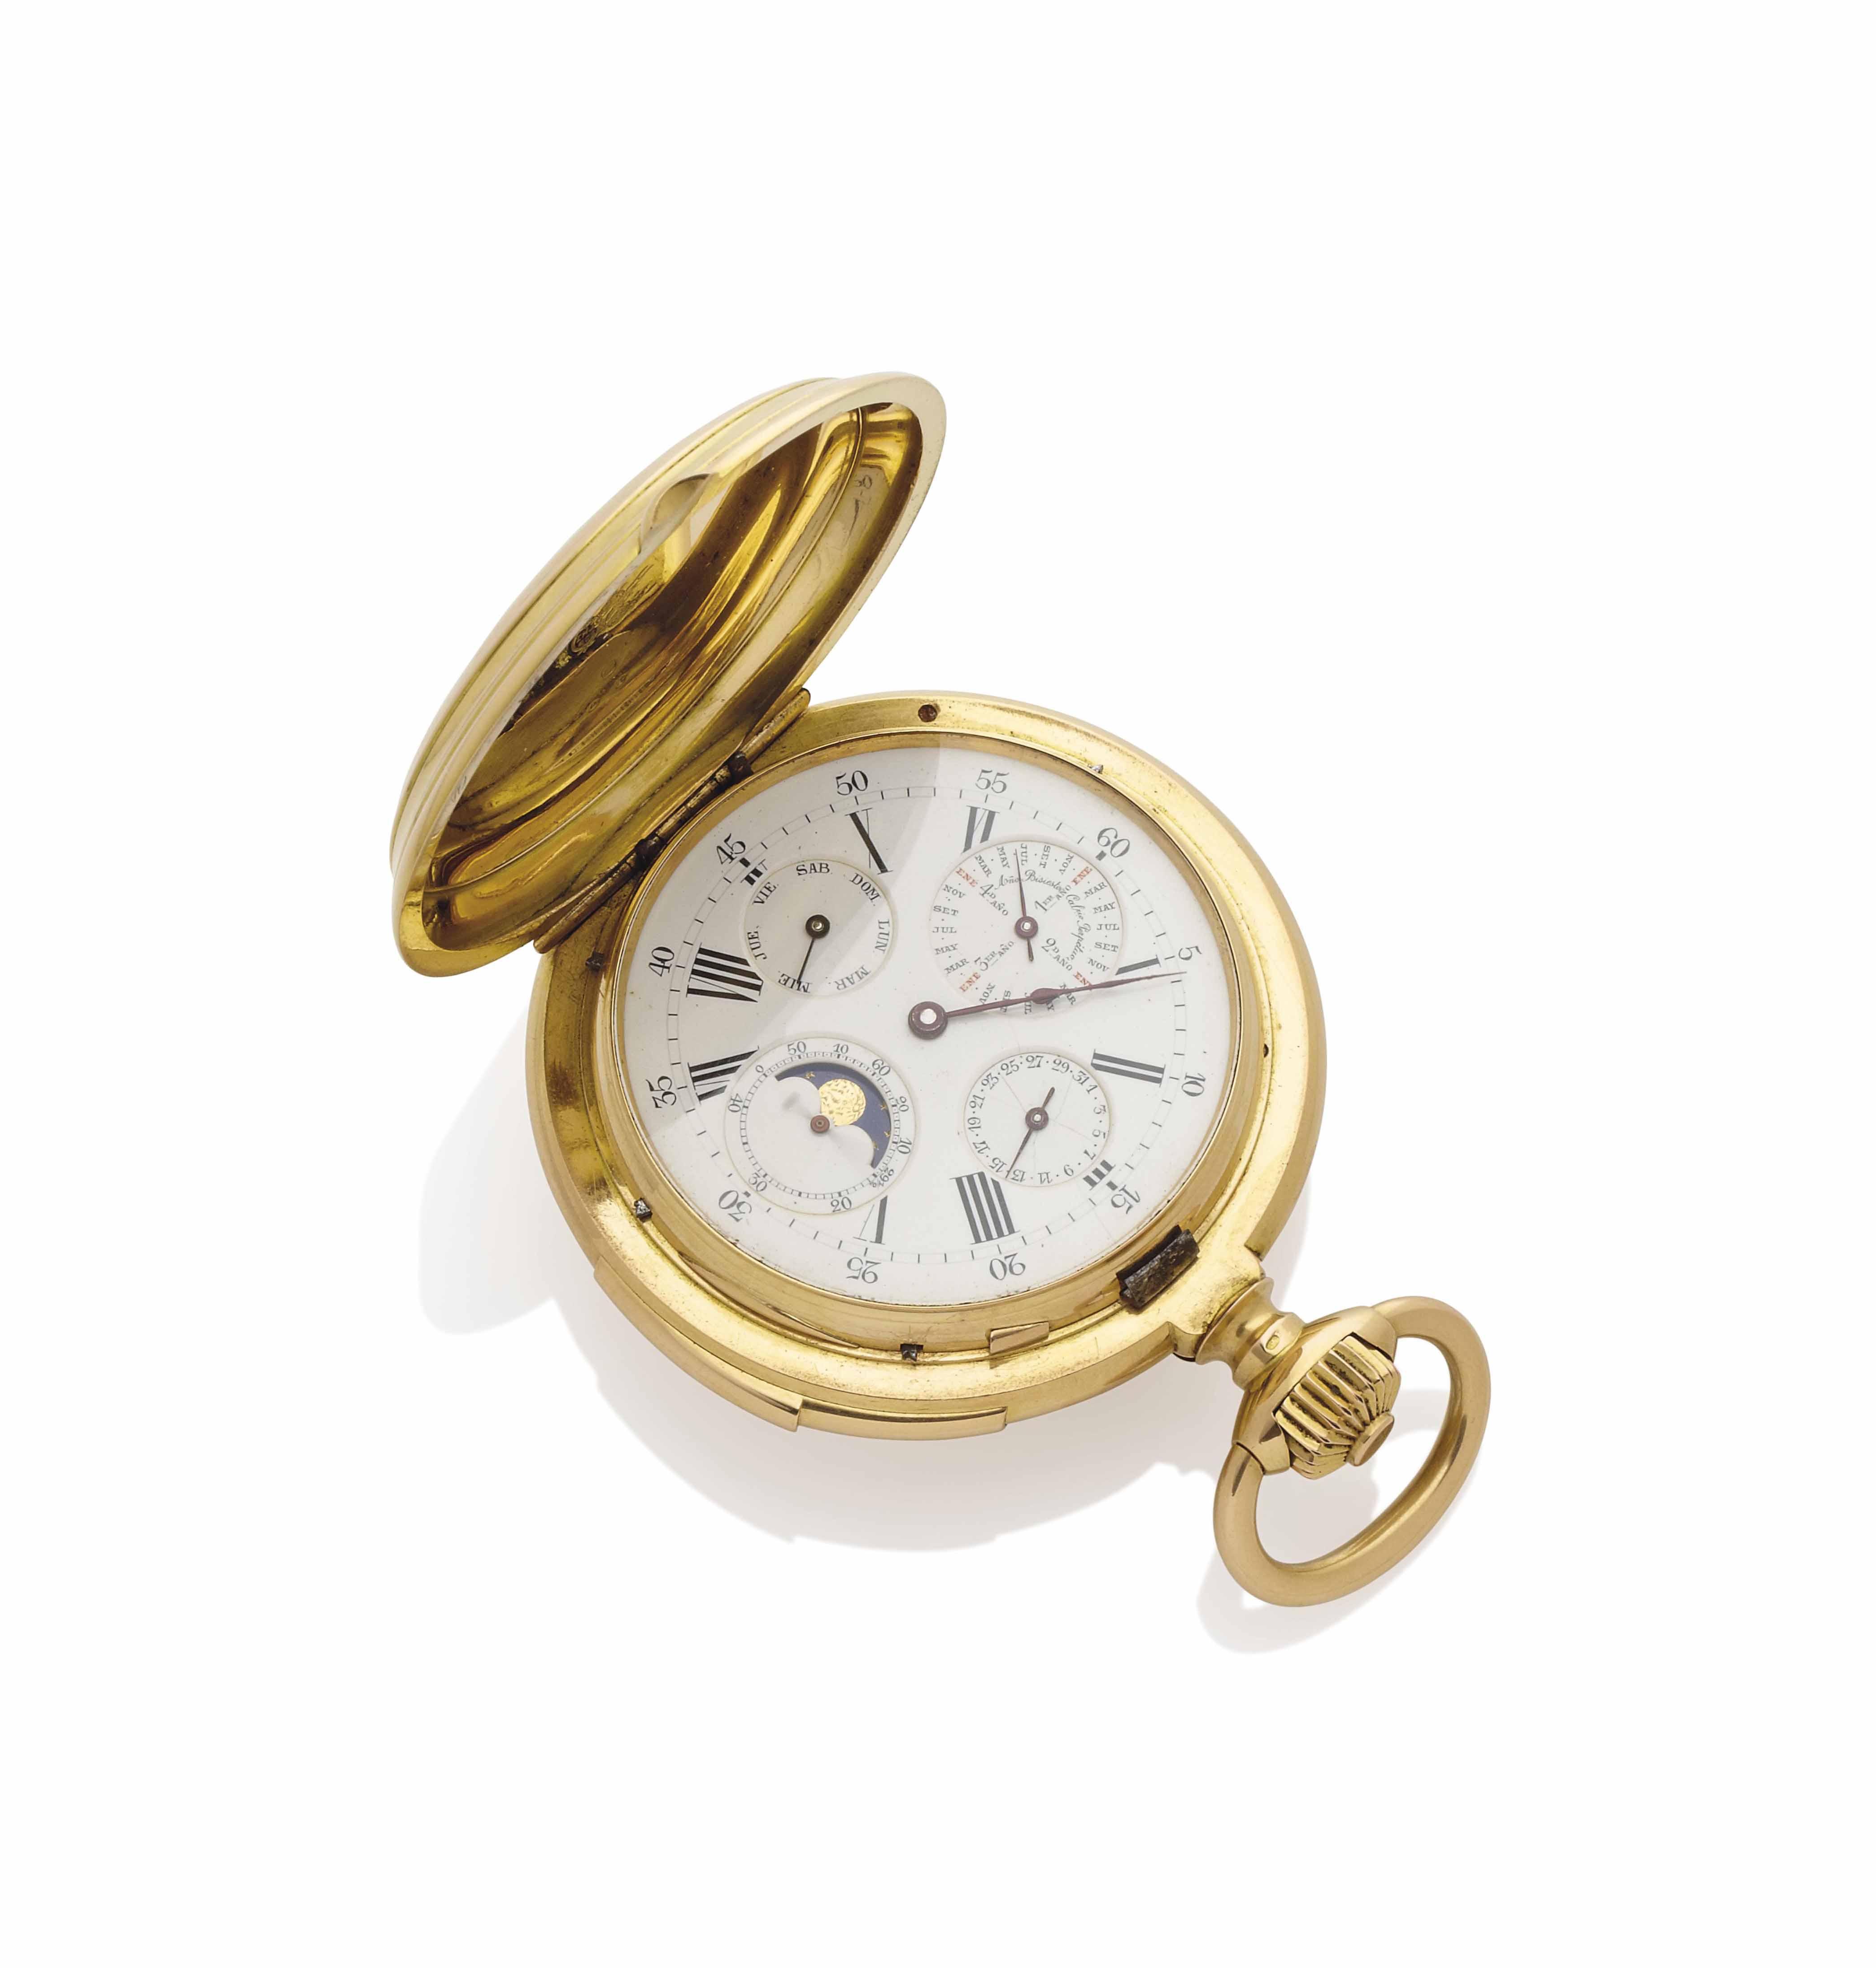 MONTRE DE POCHE SAVONNETTE A REPETITION MINUTES ET CALENDRIER PERPETUEL DIAMANTS, PAR E.H. JACCARD & CIE